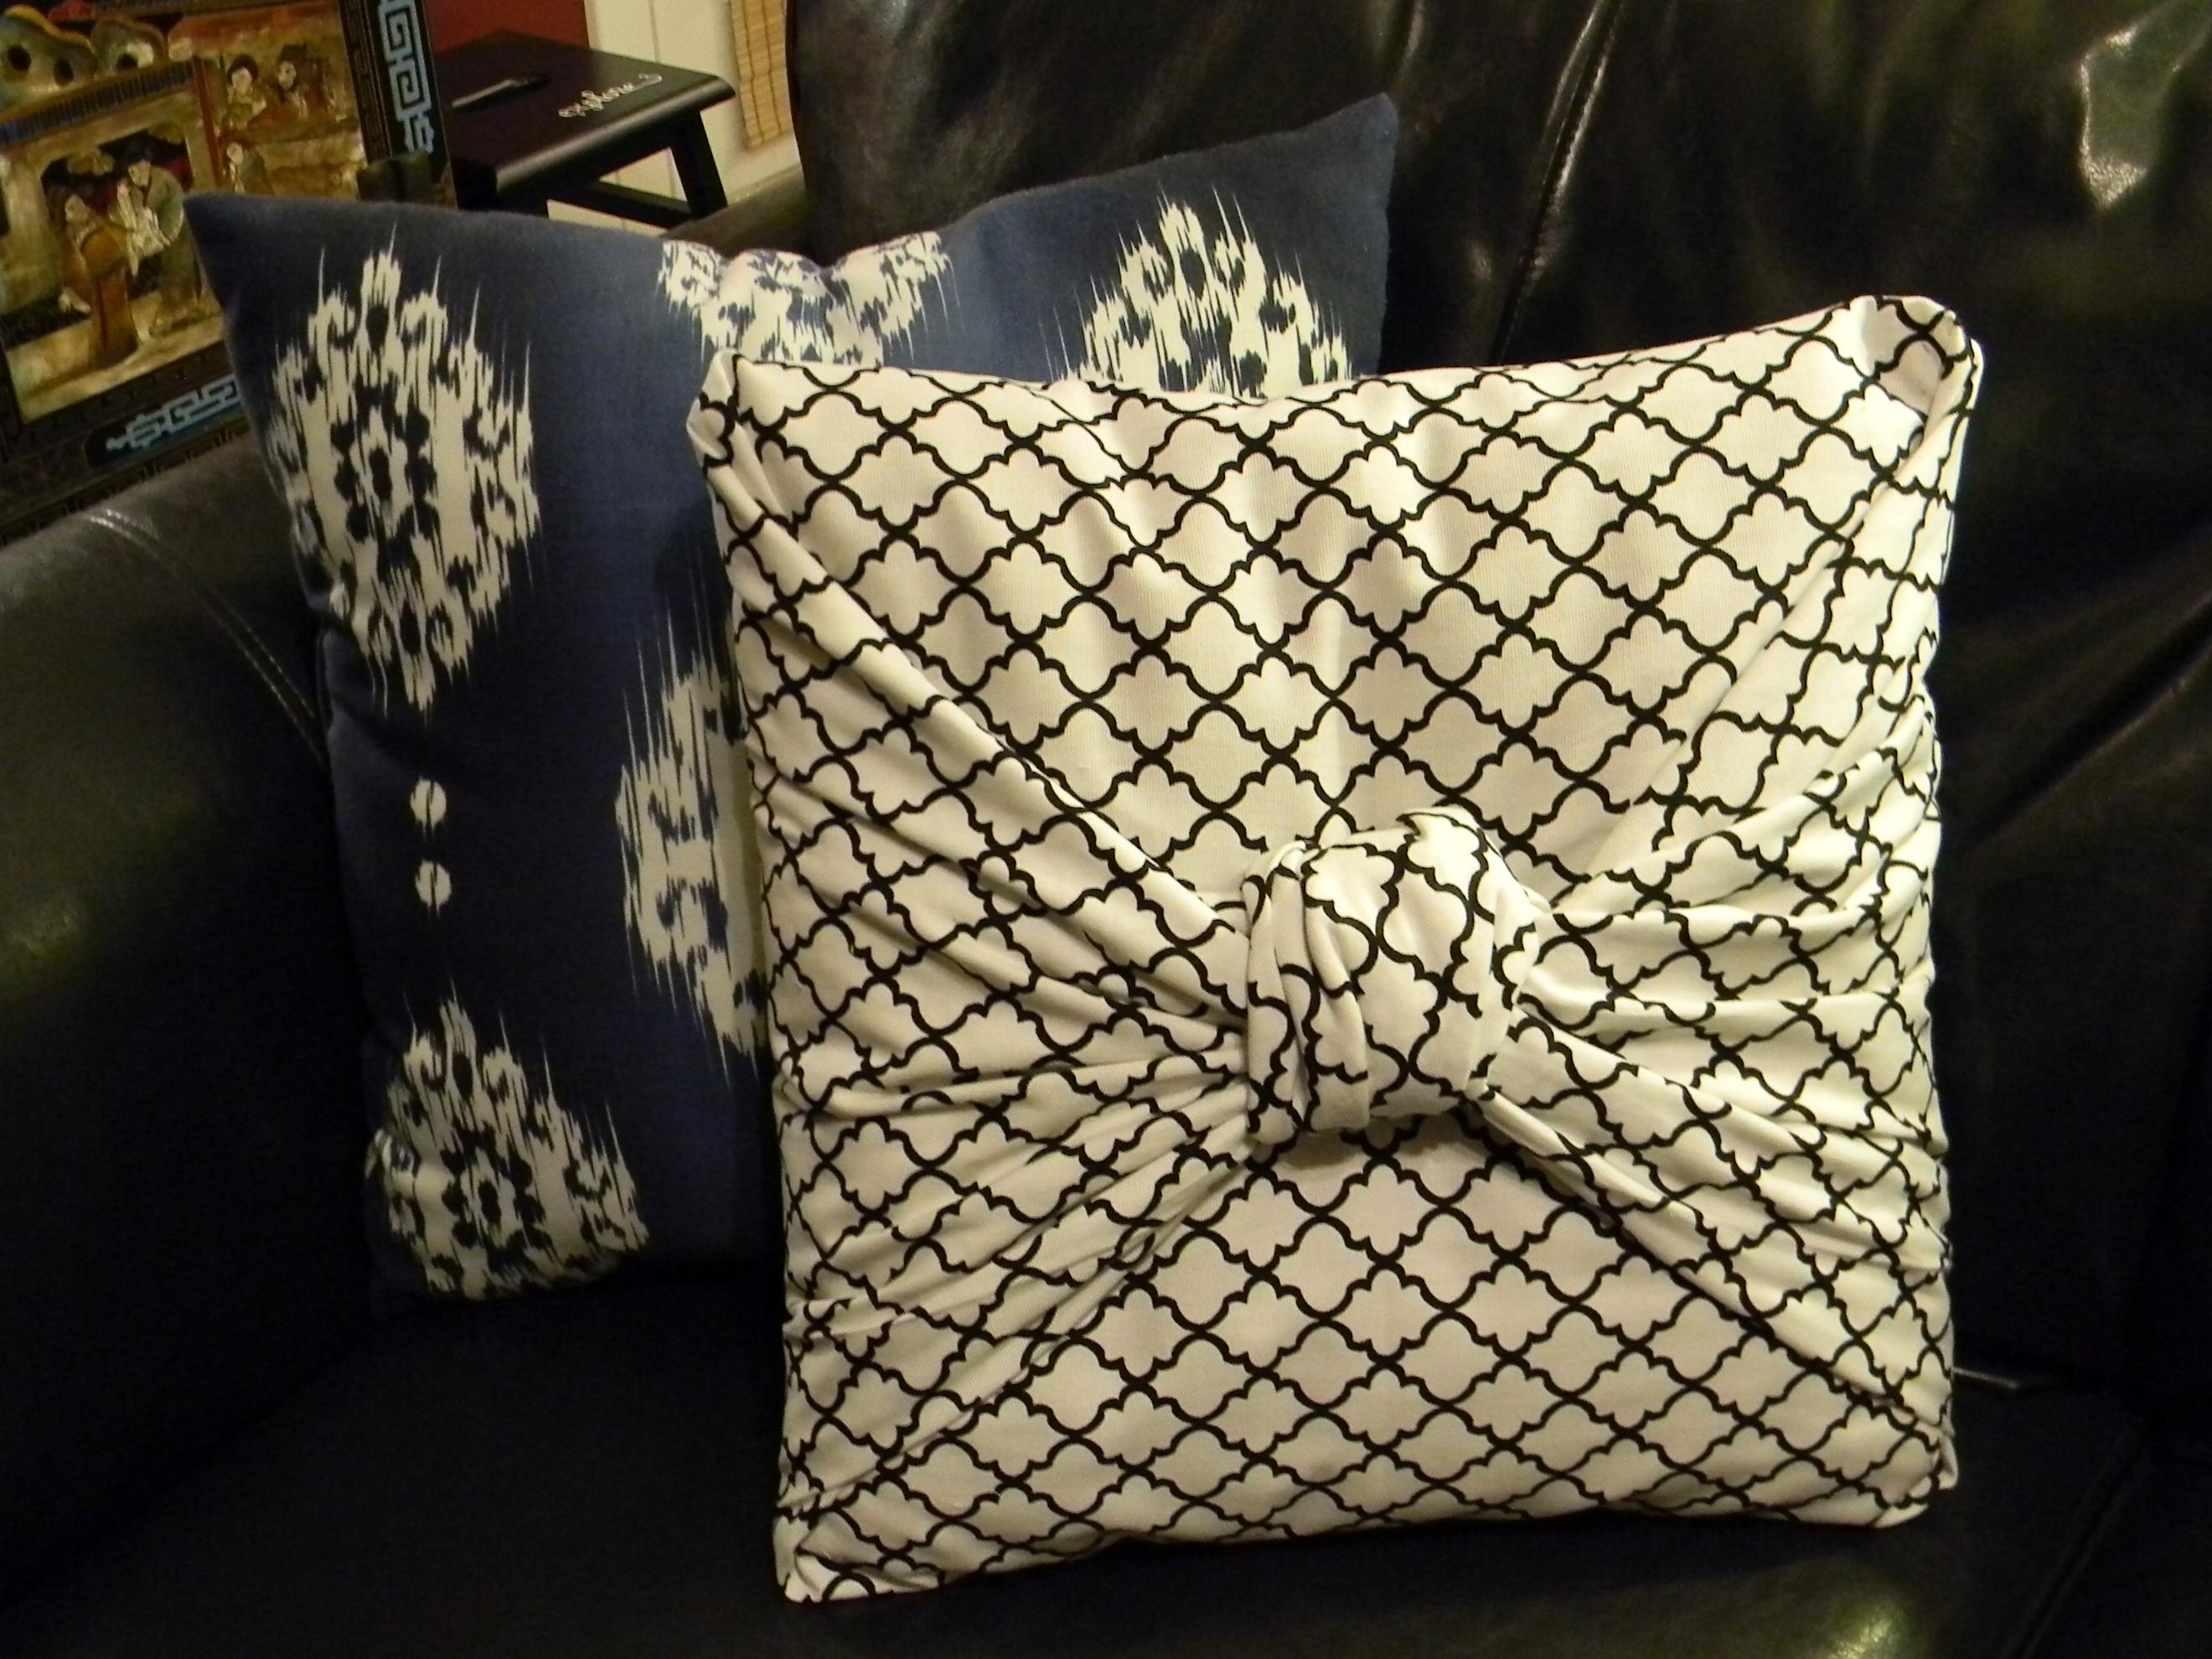 Сен 8 2012.  Небольшой мастер-класс, как можно красиво оформить подушку, в пять минут сделав на нее красивую...